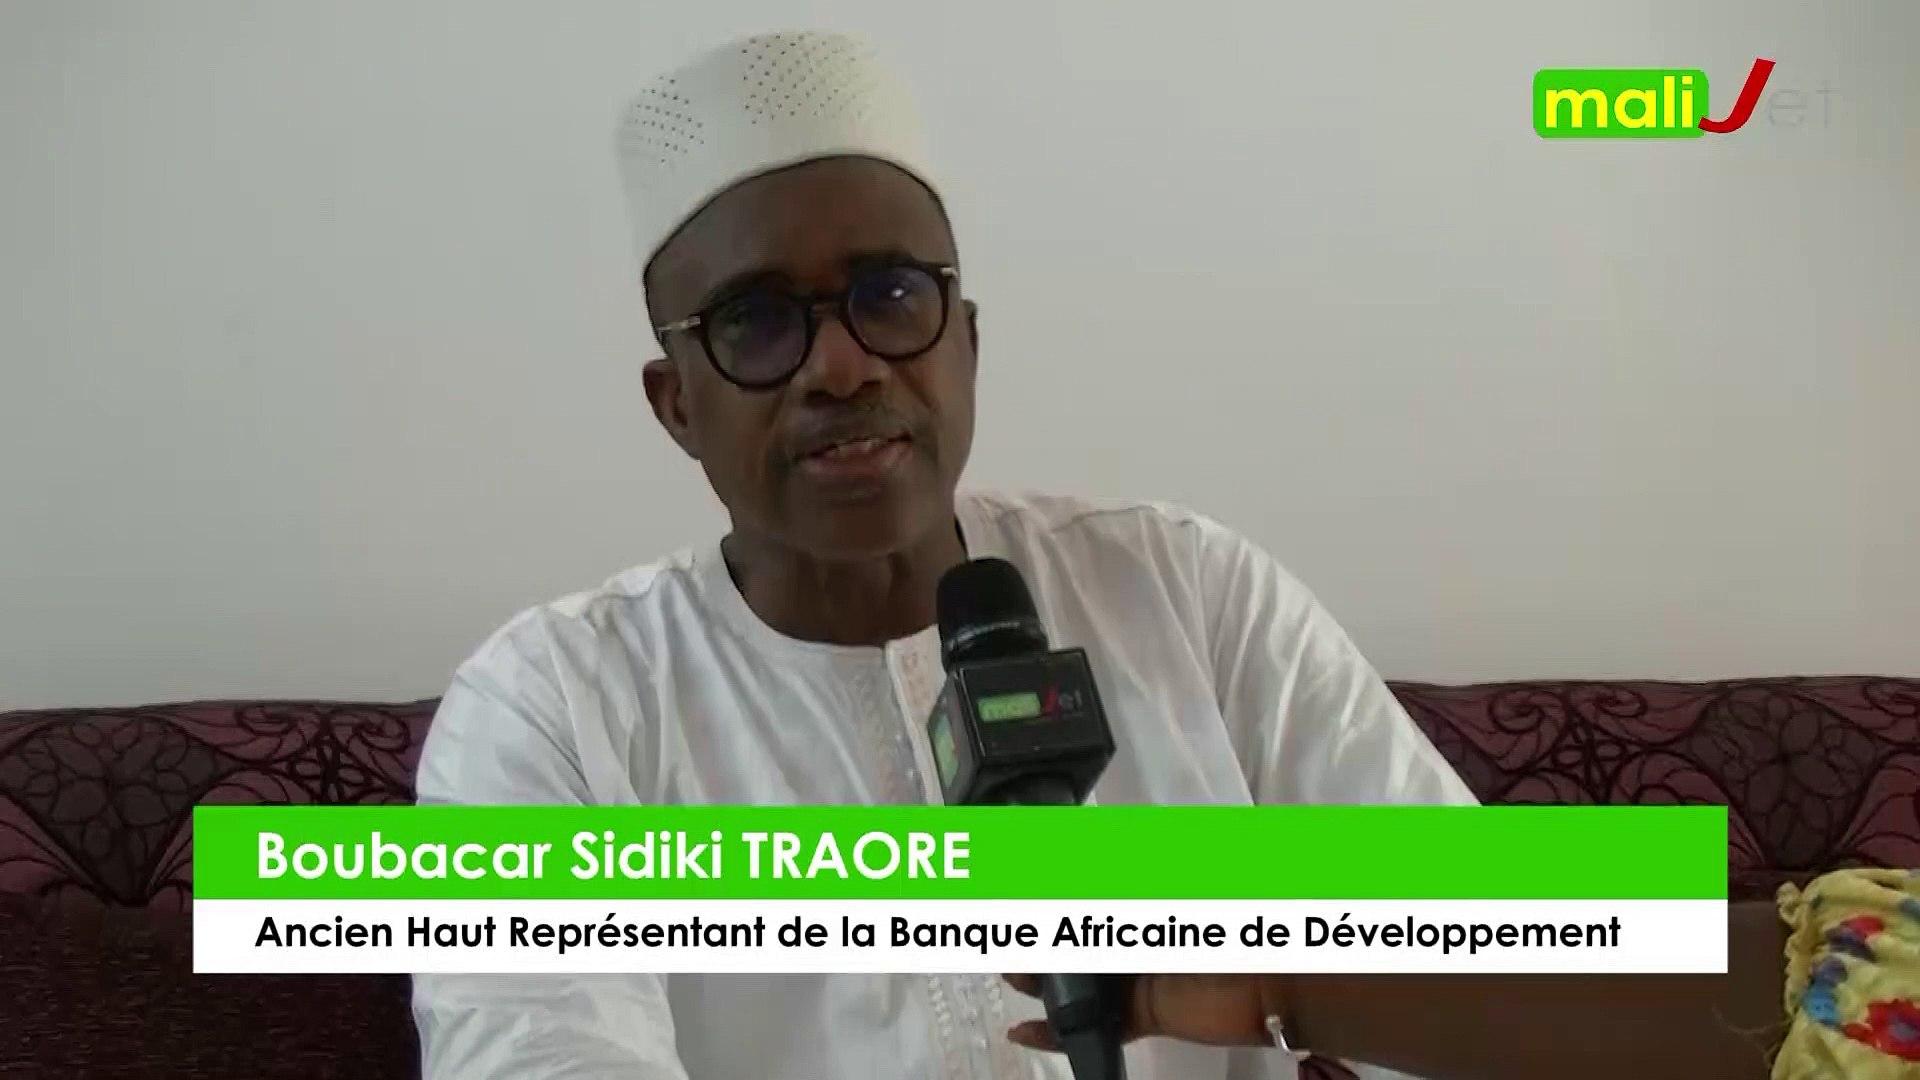 Interview : Présentation de voeux de la tabaski de Boubacar Sidiki TRAORE, ancien haut représentant